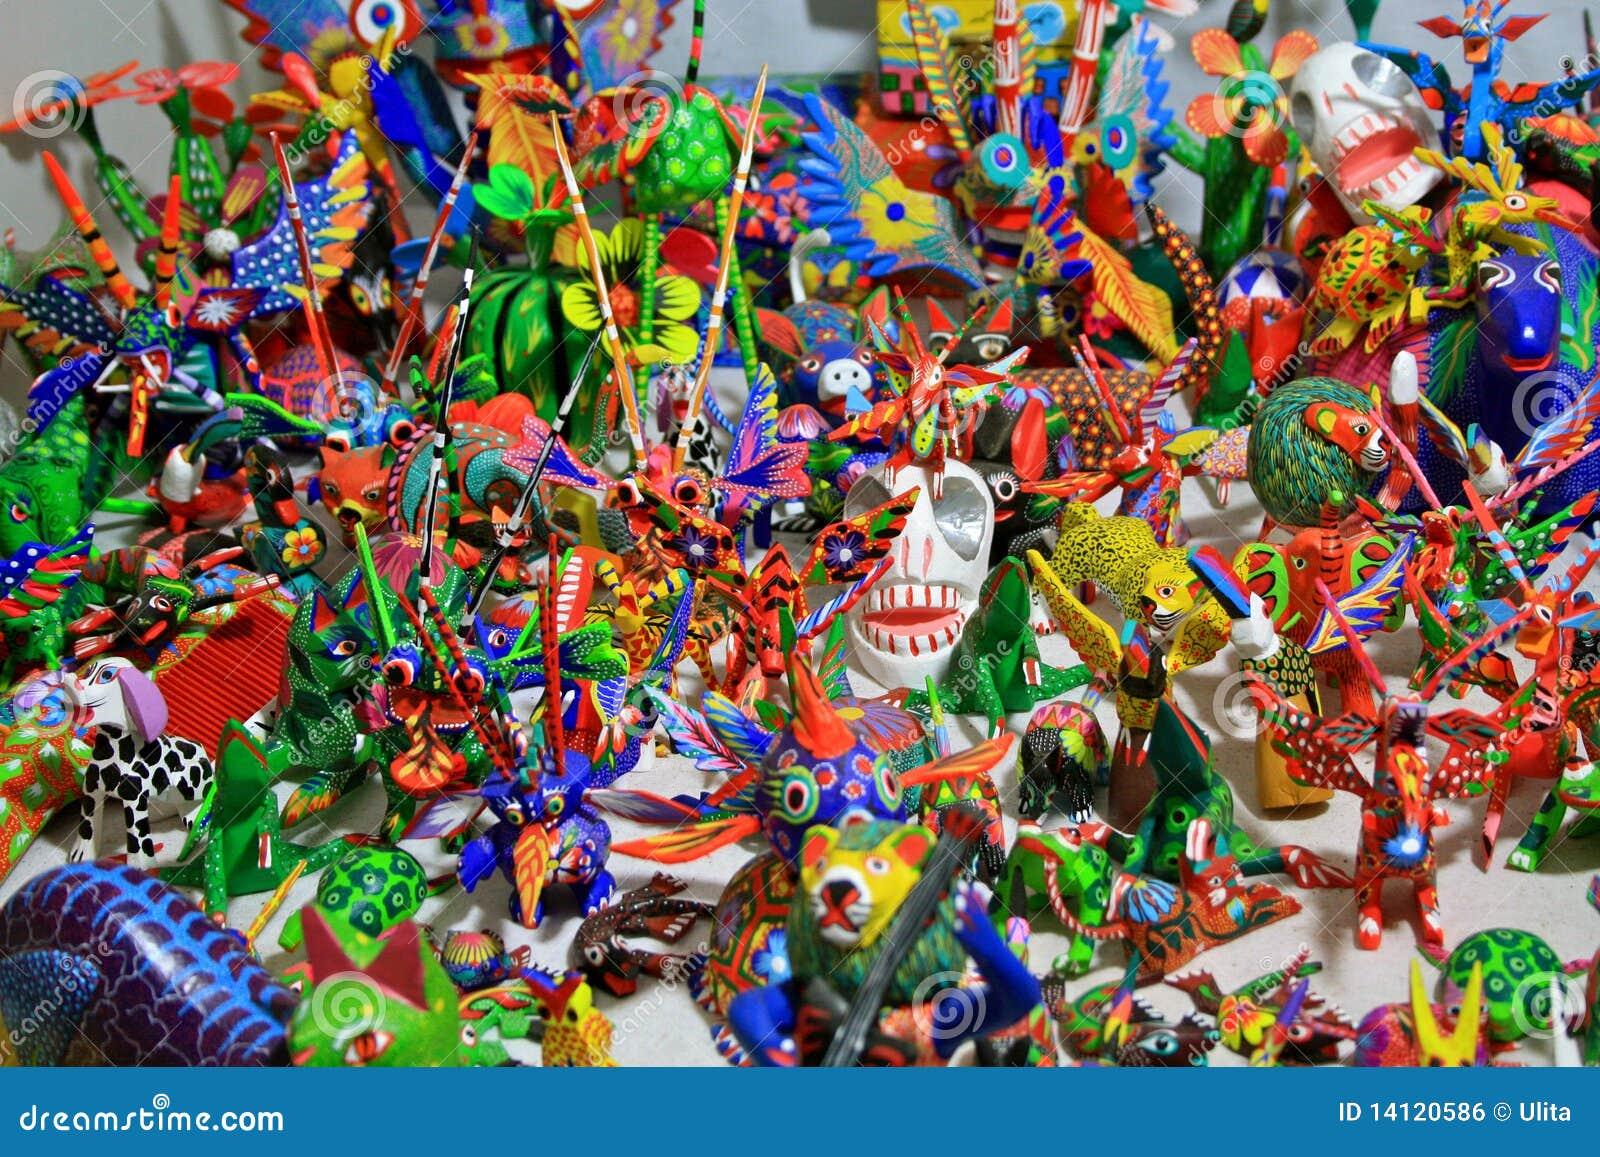 Sculptures de fantaisie en bois découpées colorées